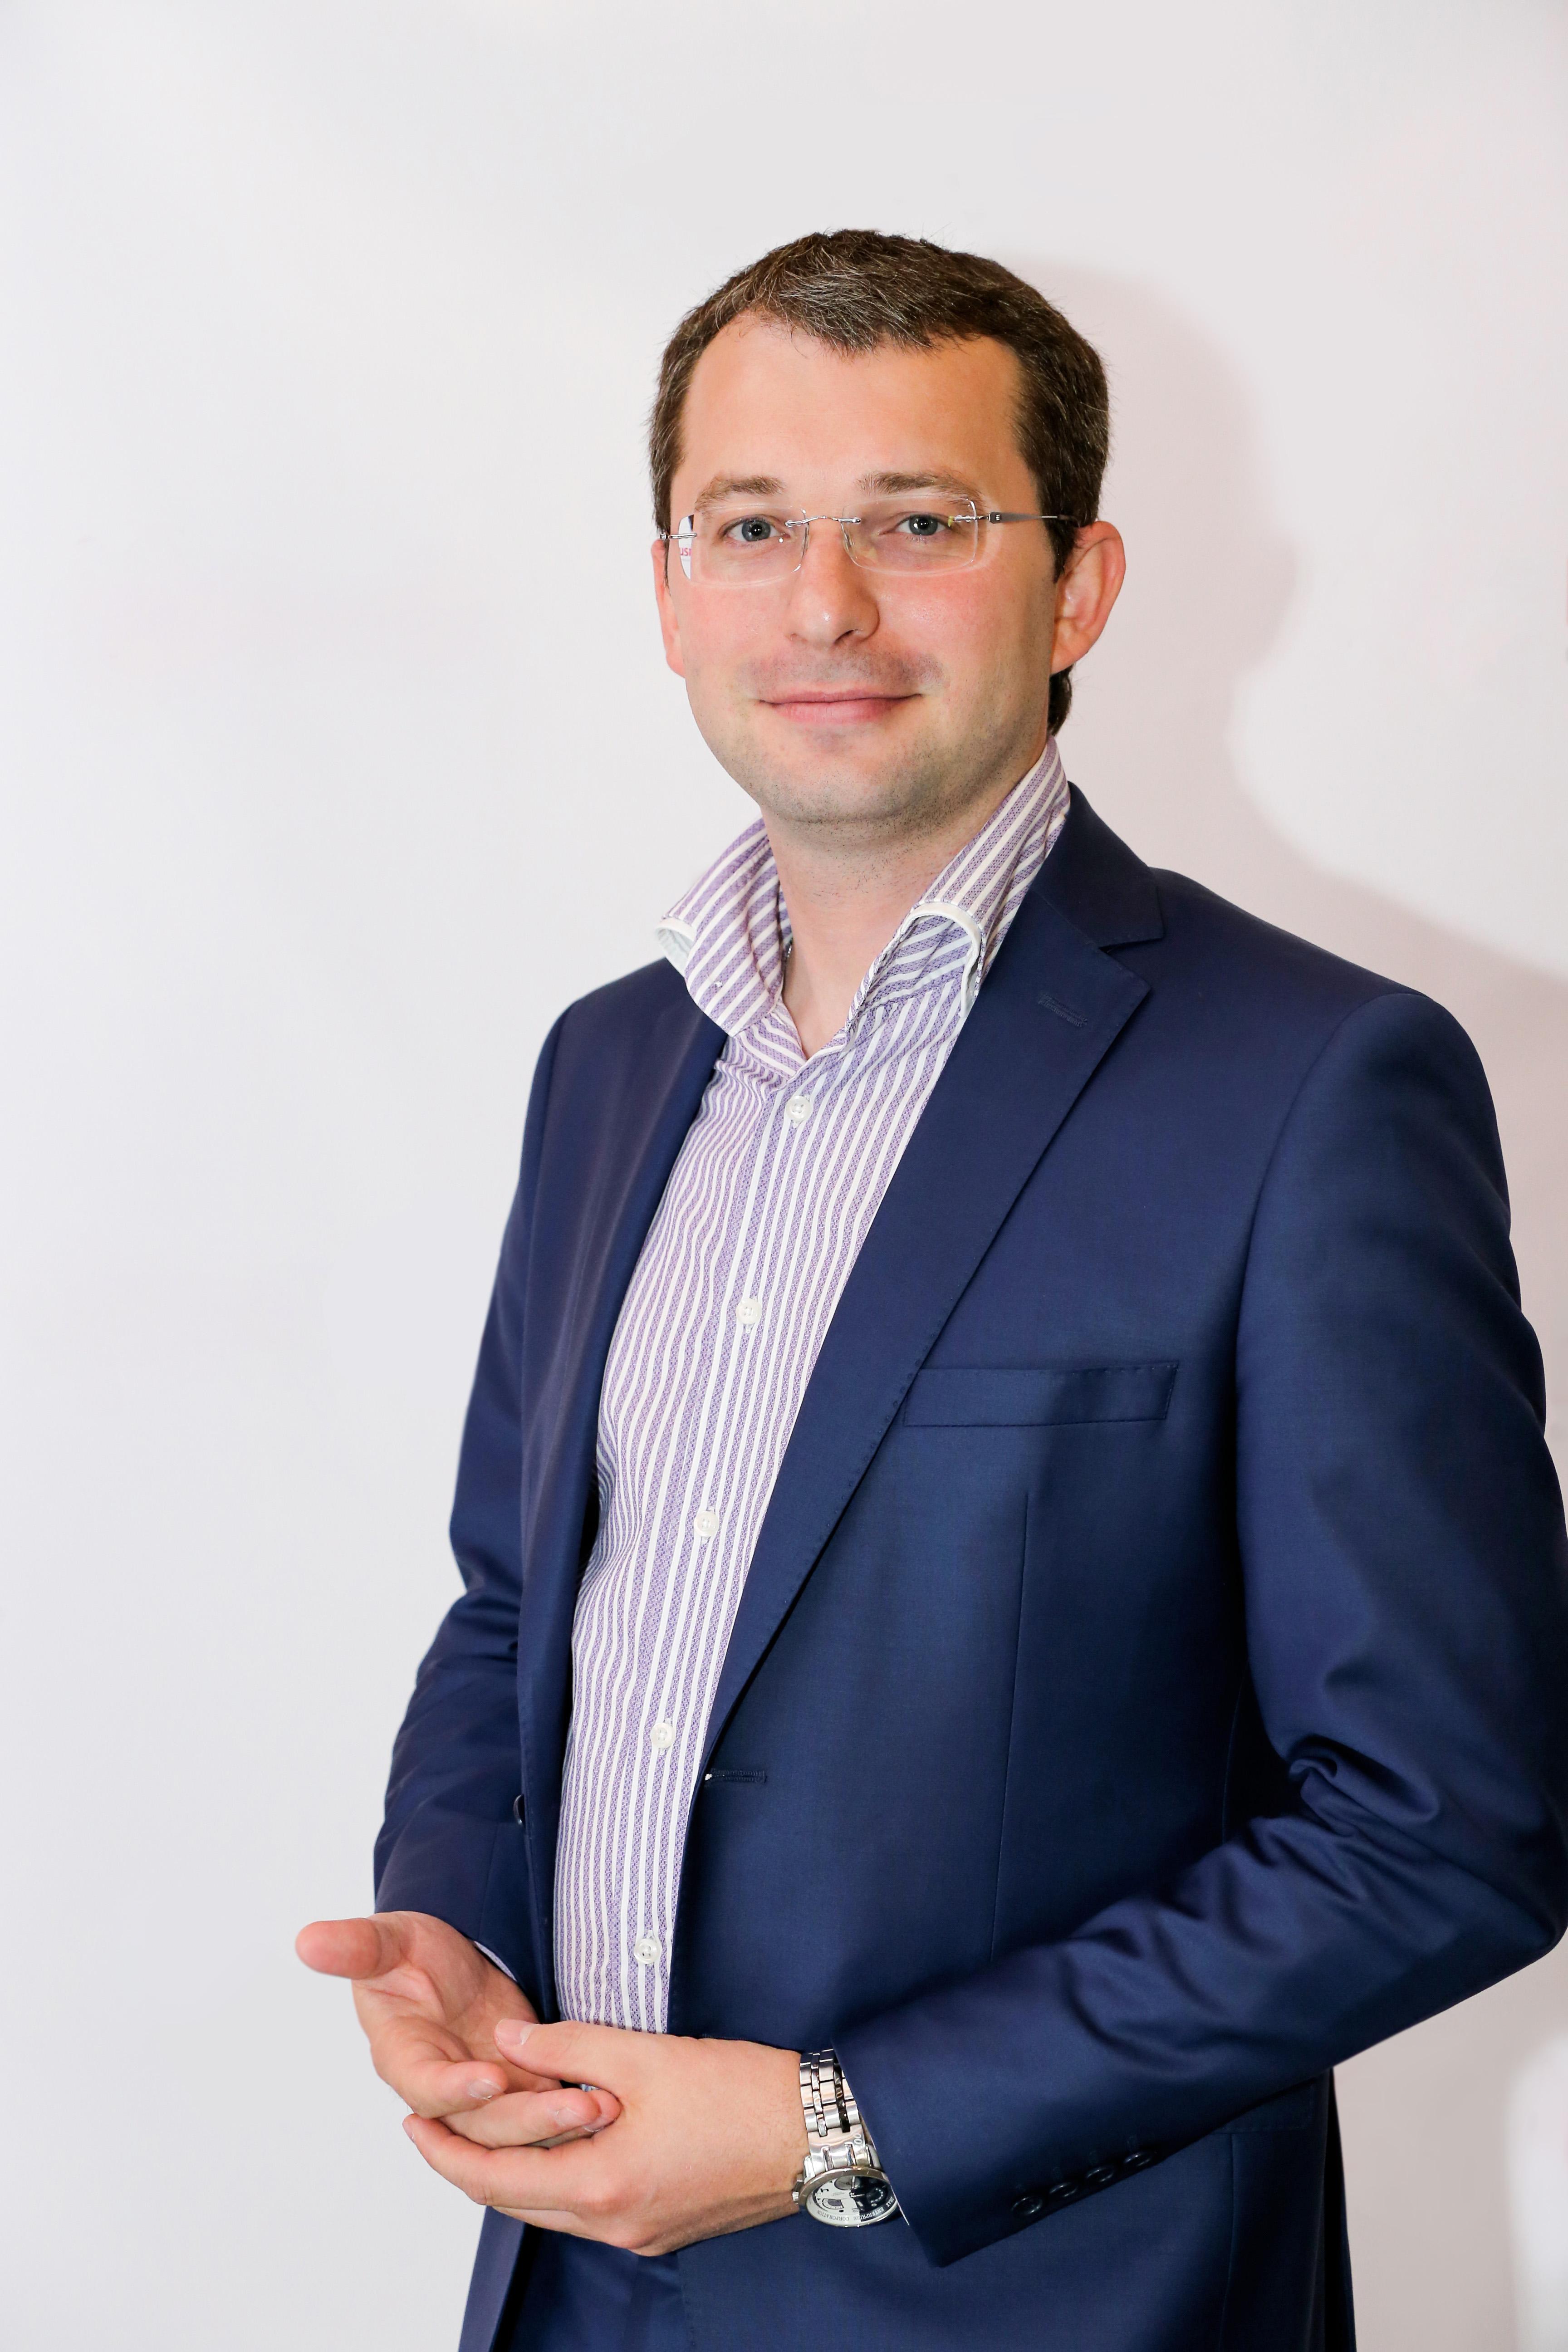 Дмитрий Чебыкин: «Продуктивная работа – залог совместного успеха»